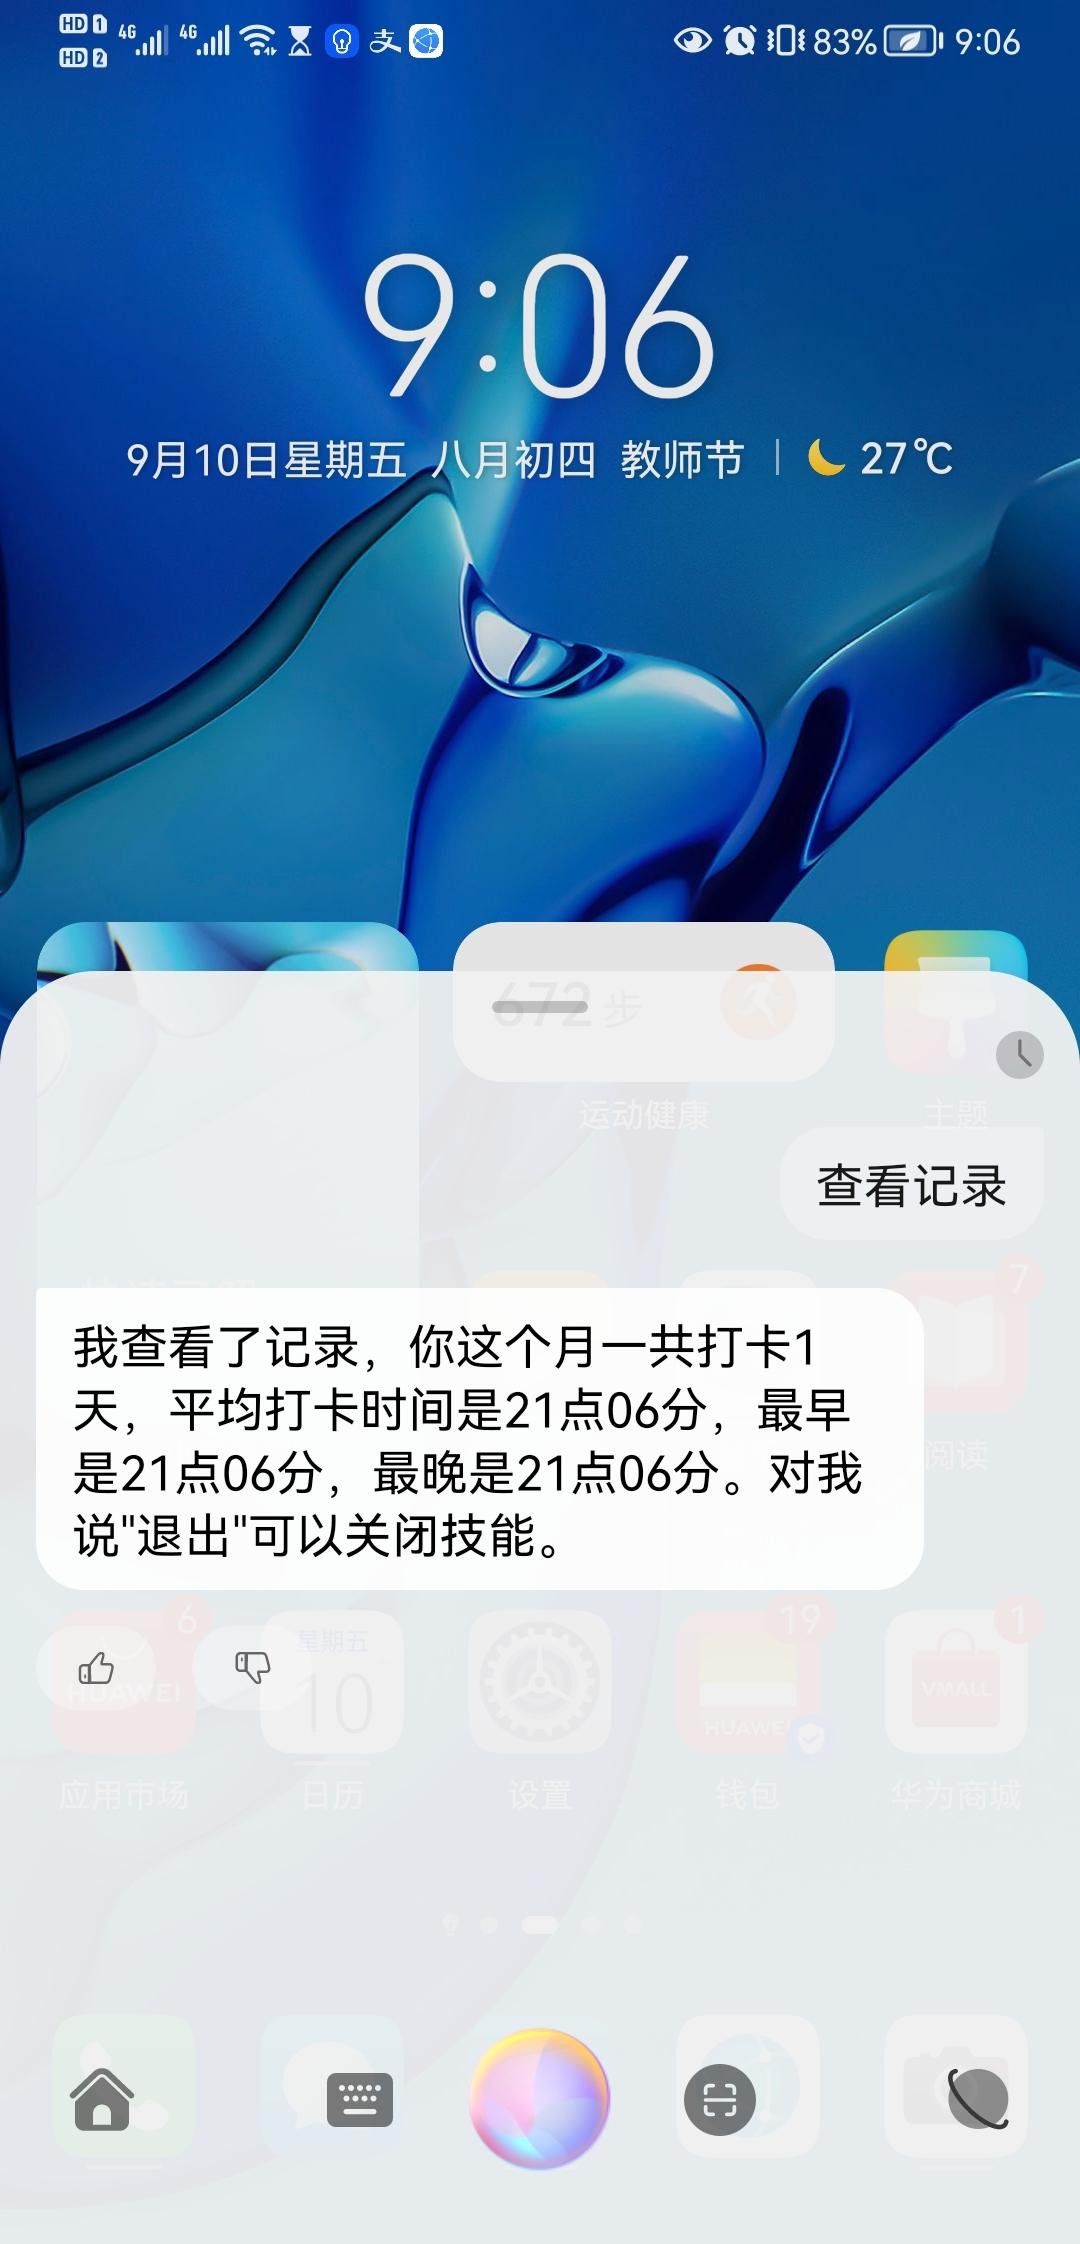 Screenshot_20210910_210654_com.huawei.android.launcher.jpg